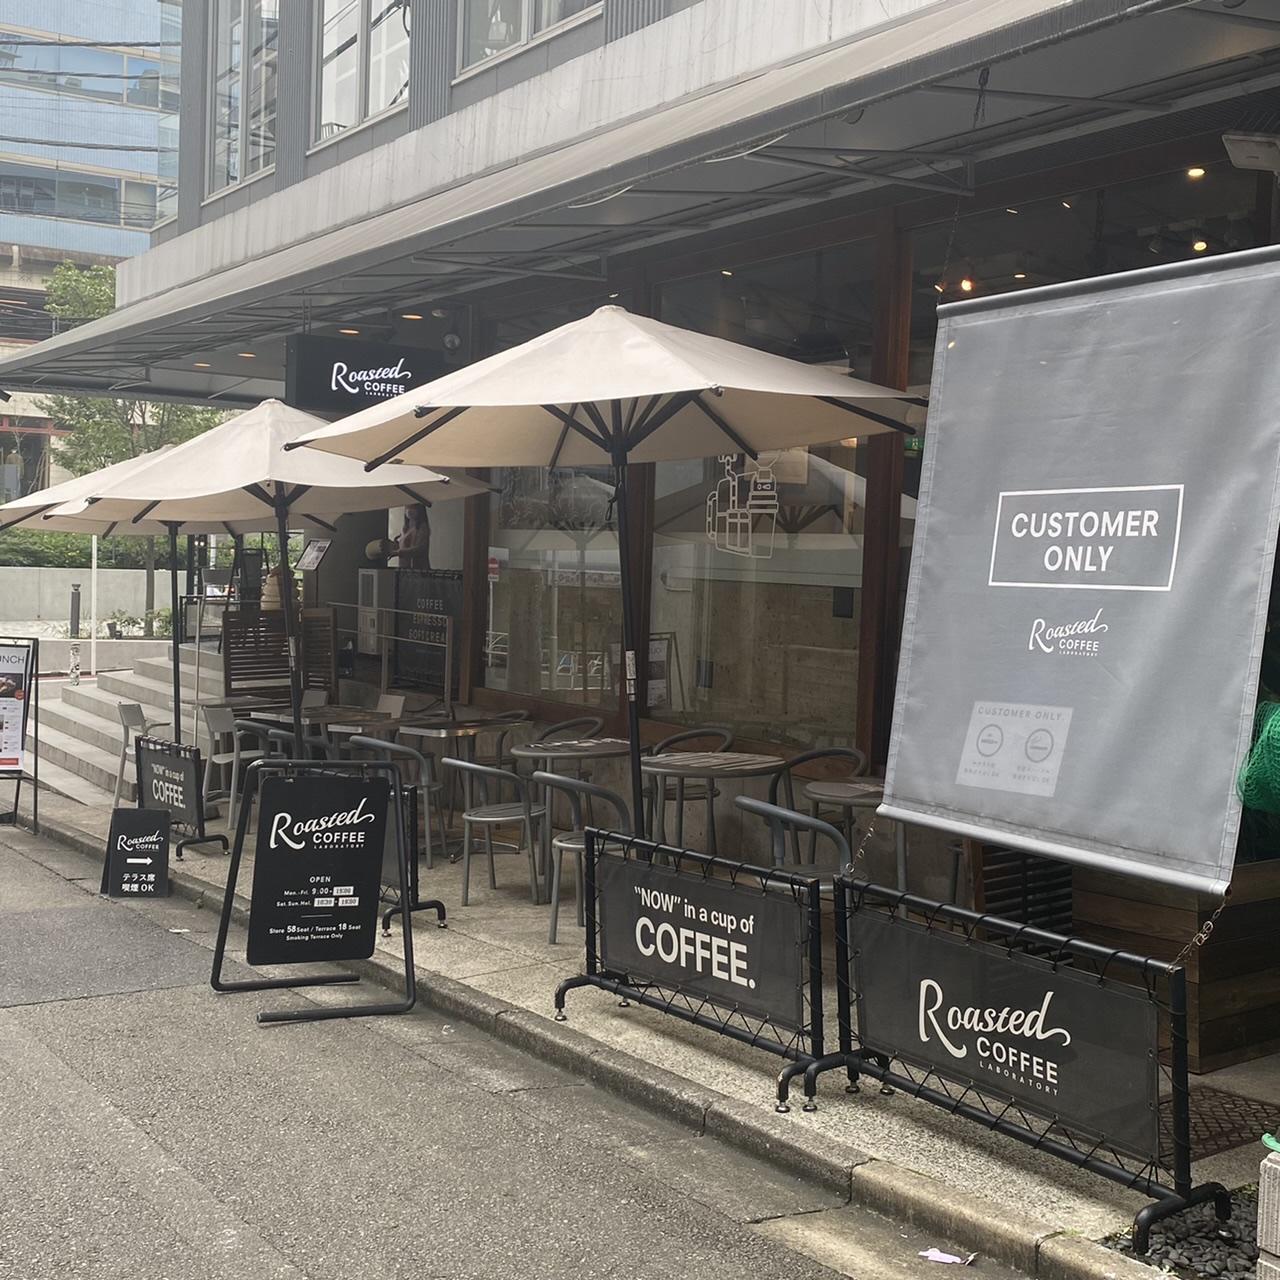 【渋谷カフェ】穴場すぎるコーヒー店!コーヒーソフトが絶品《Roasted Coffee Laboratory》_7